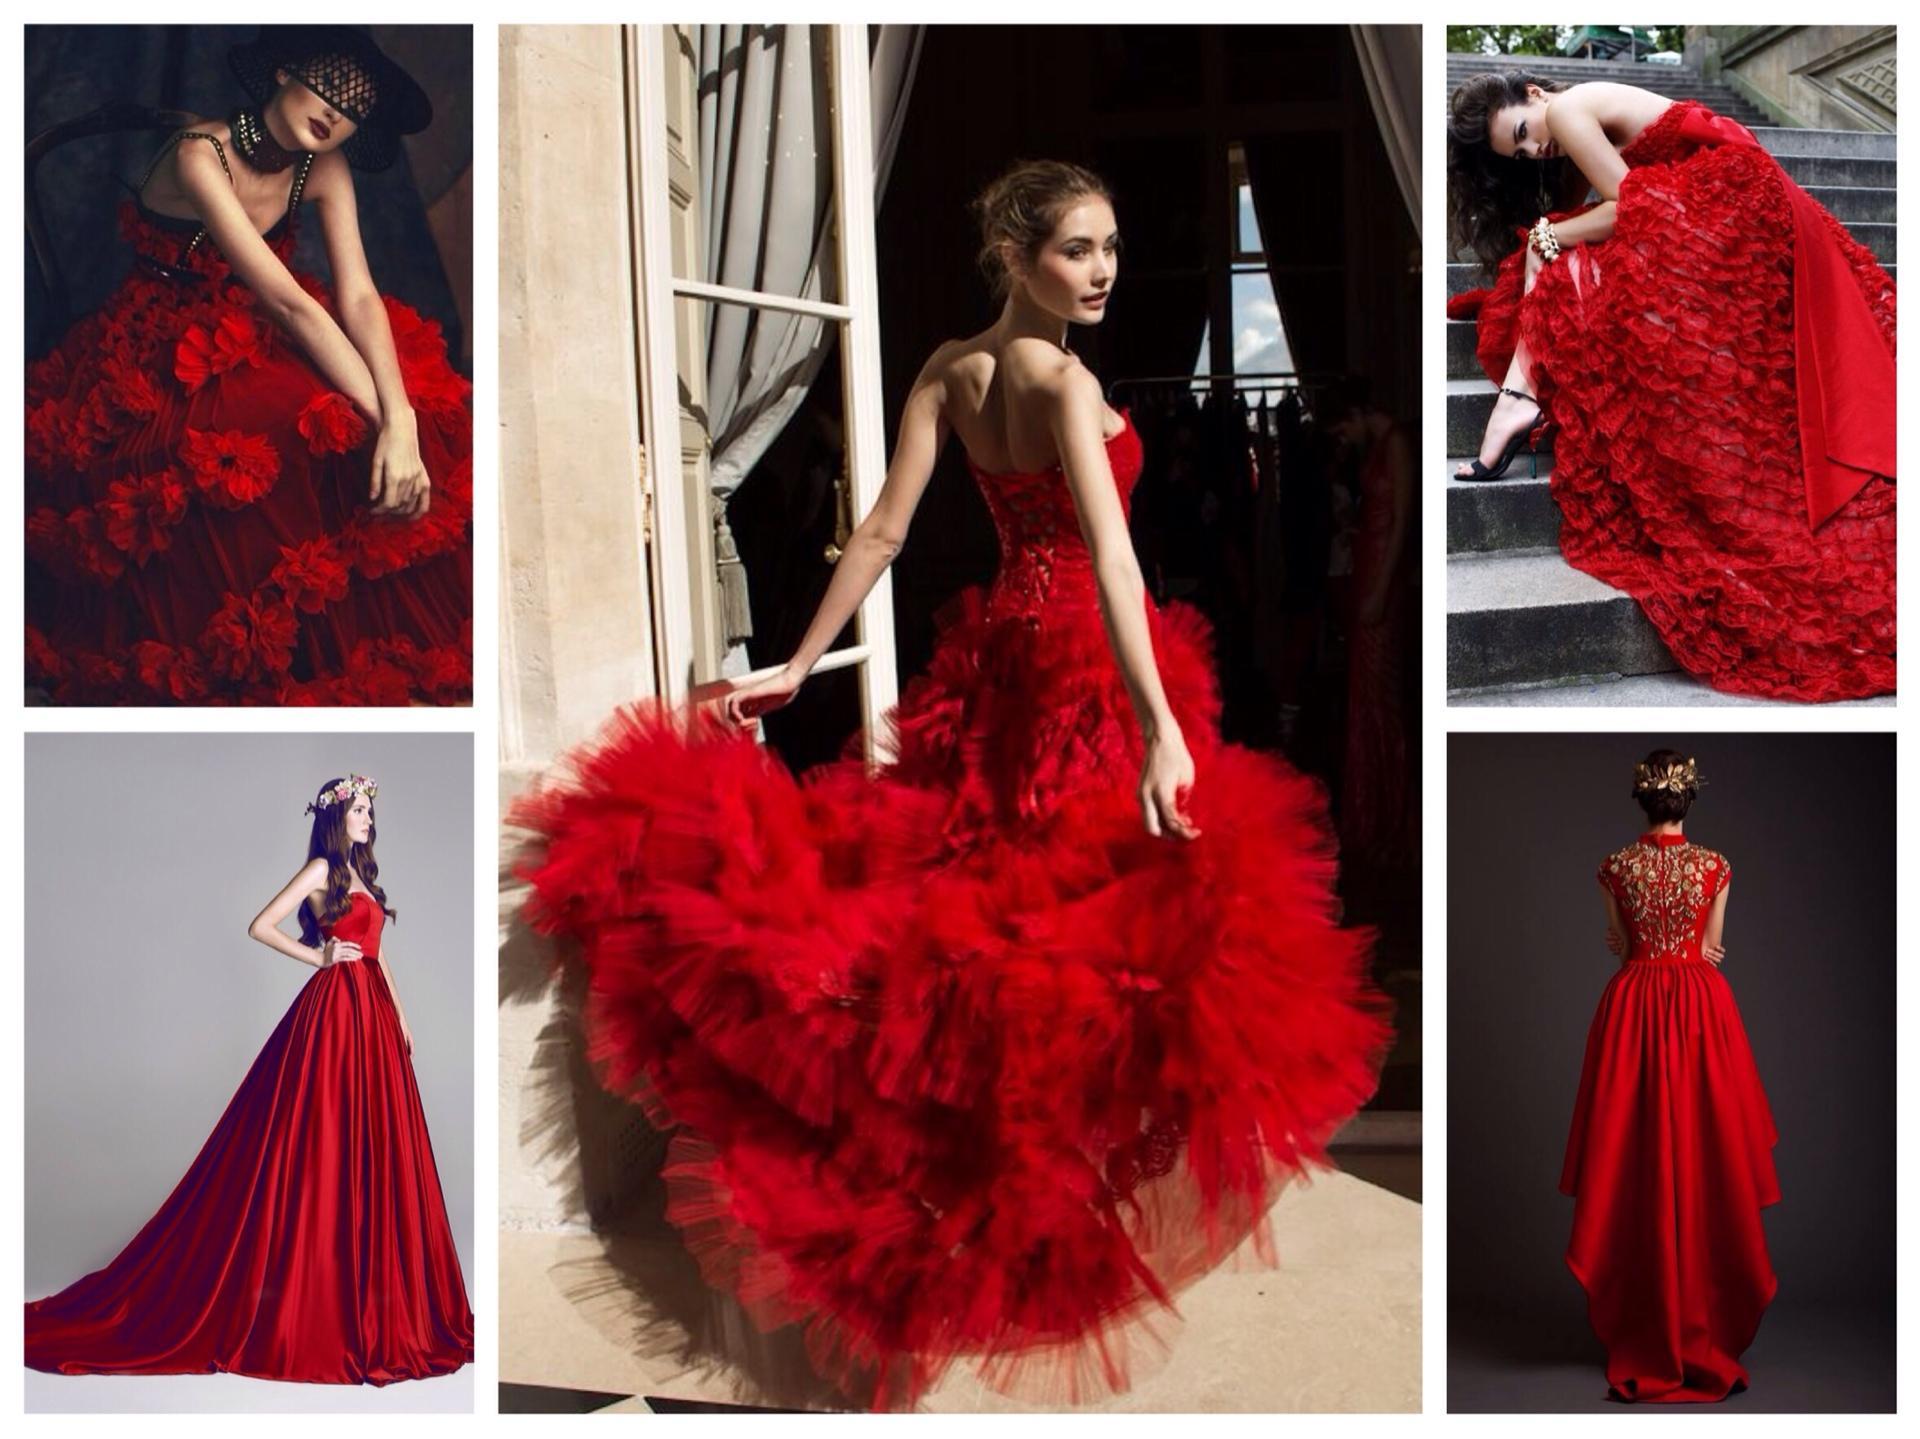 c4d1cf15da6 Фотосессии в красном платье. Образы с фотосессий